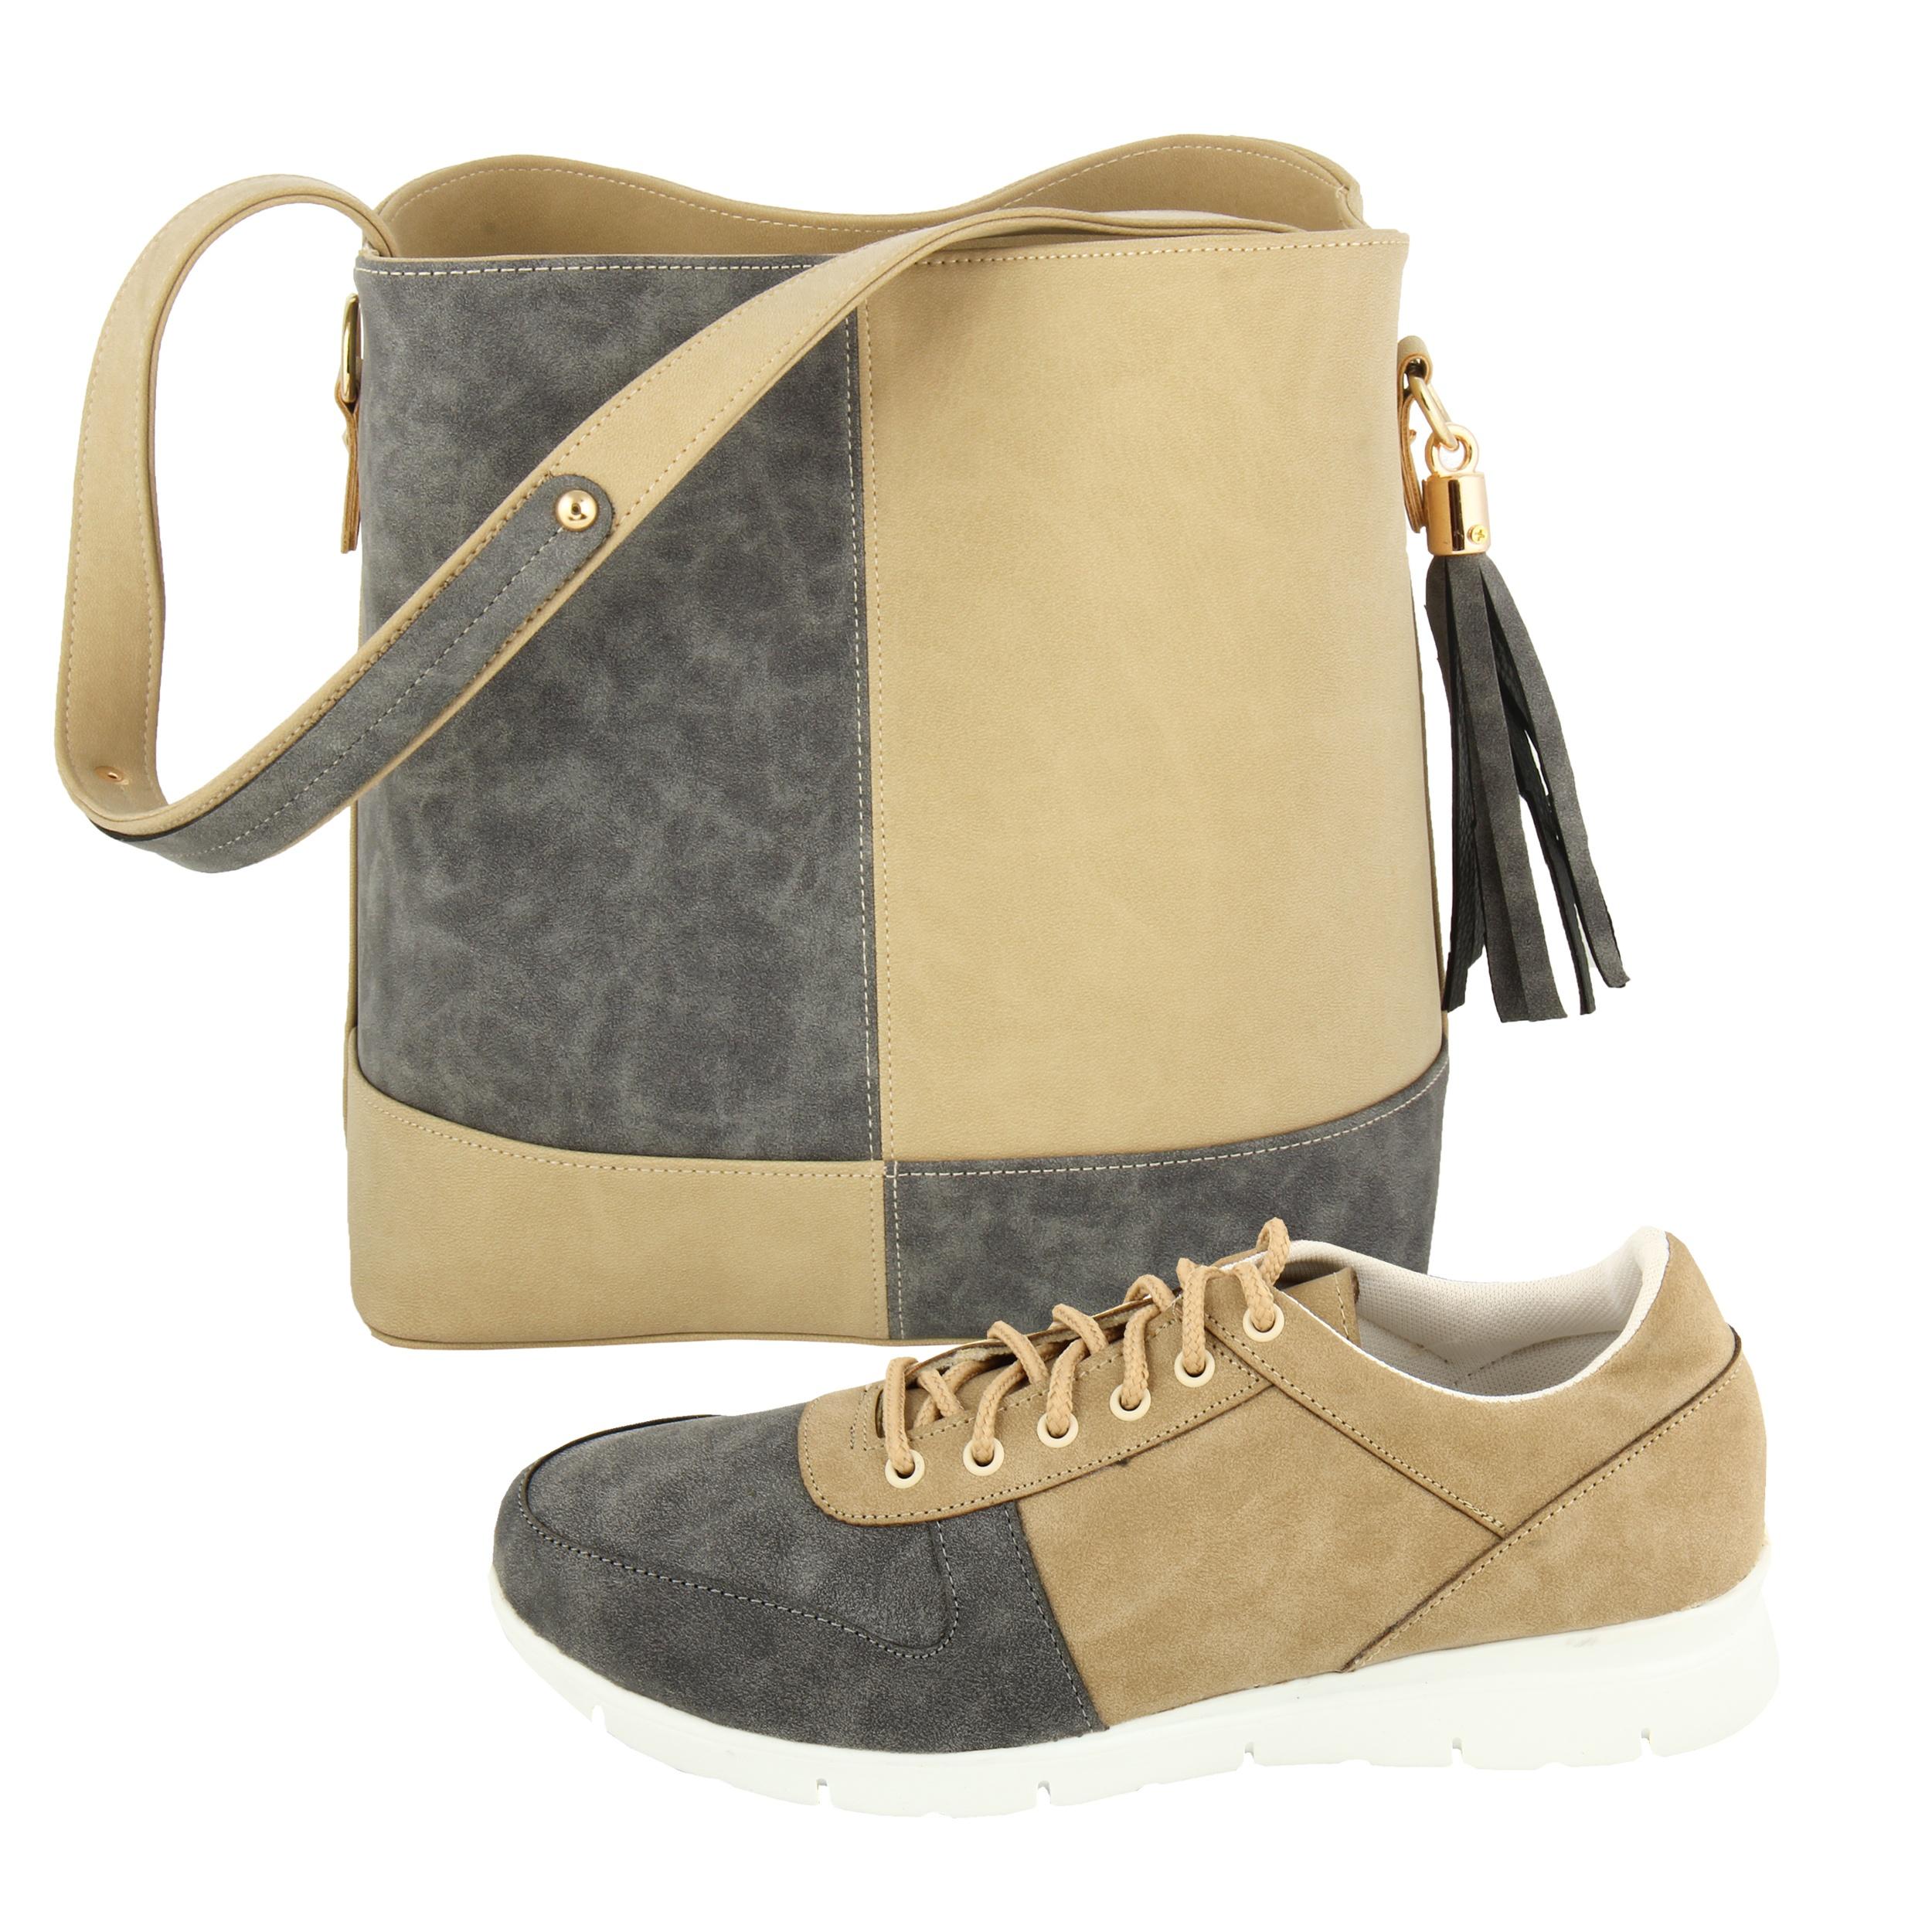 ست کیف و کفش زنانه کد 134